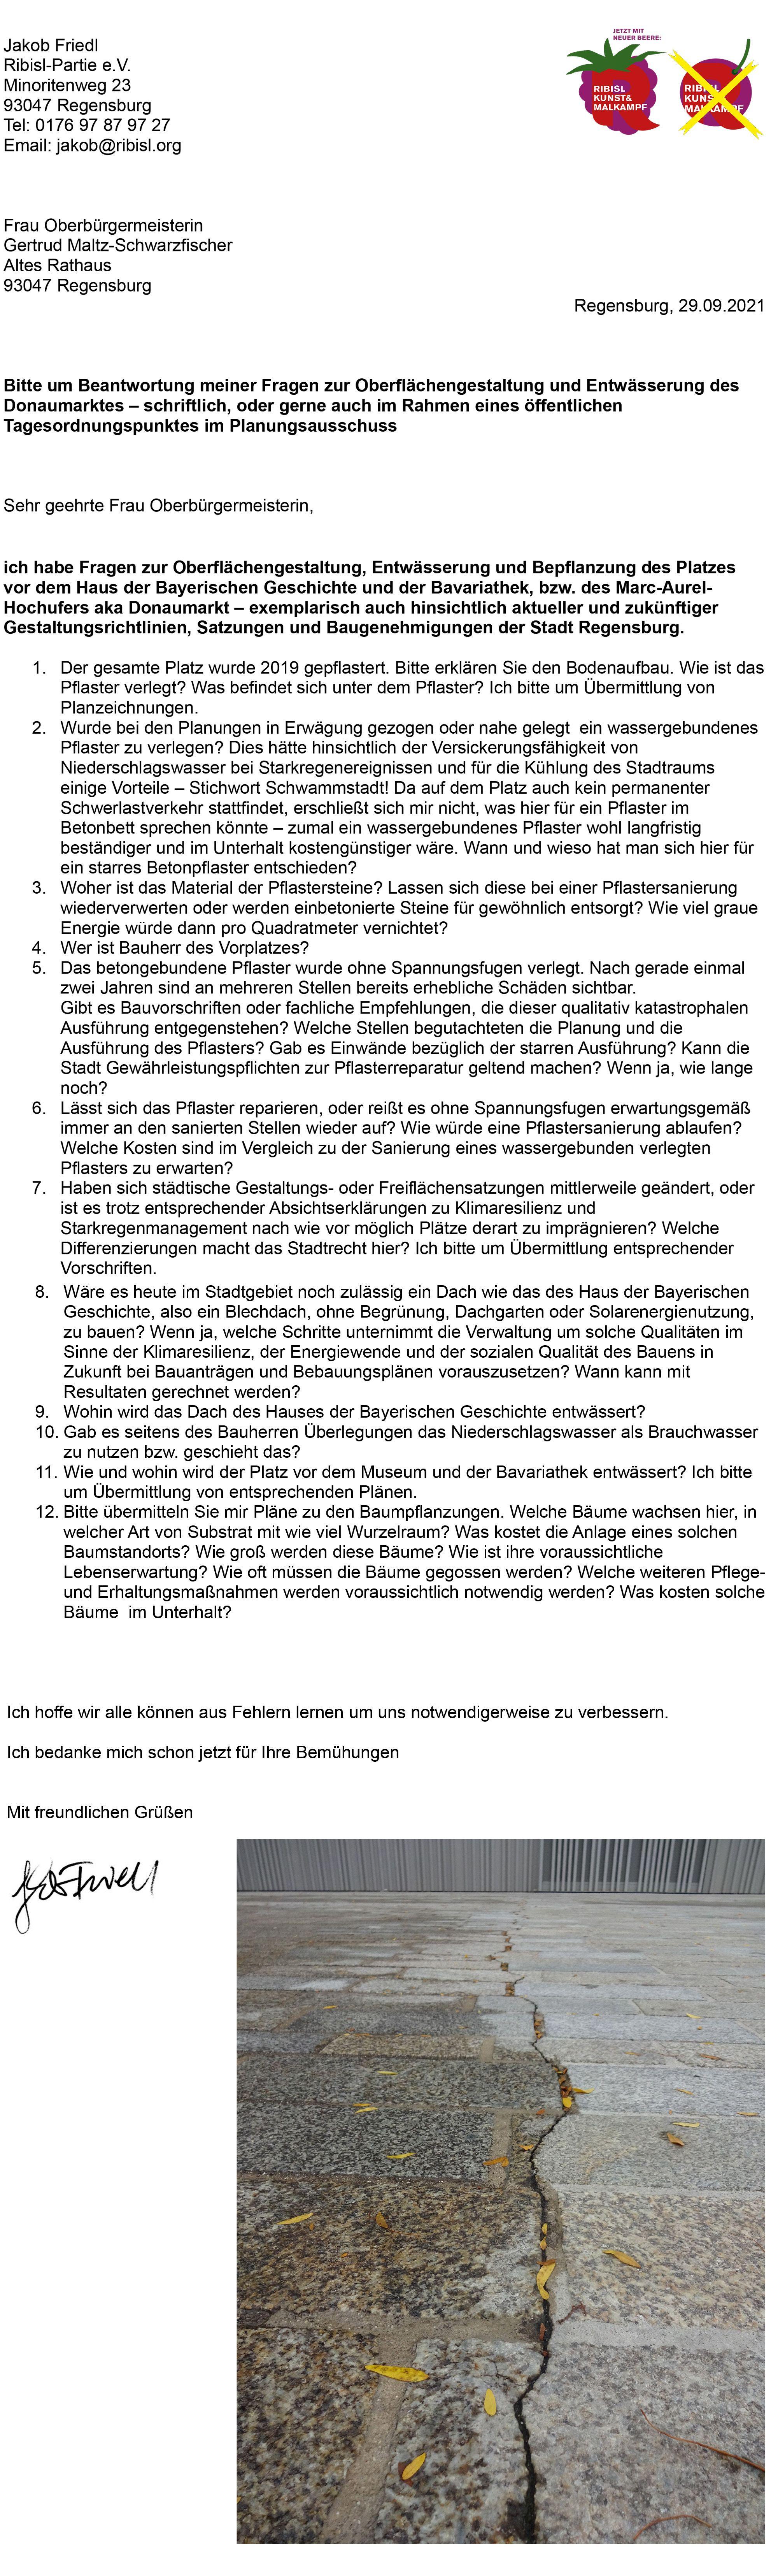 Haus der Bayern,  Museum der Bayerischen Geschichte,  Betonpflaster, Schwammstadt Regensburg, Klimaresilienz Regensburg, Niederschlagswasser, Starkregenmanagement Regensburg, wassersensibel bauen regensburg